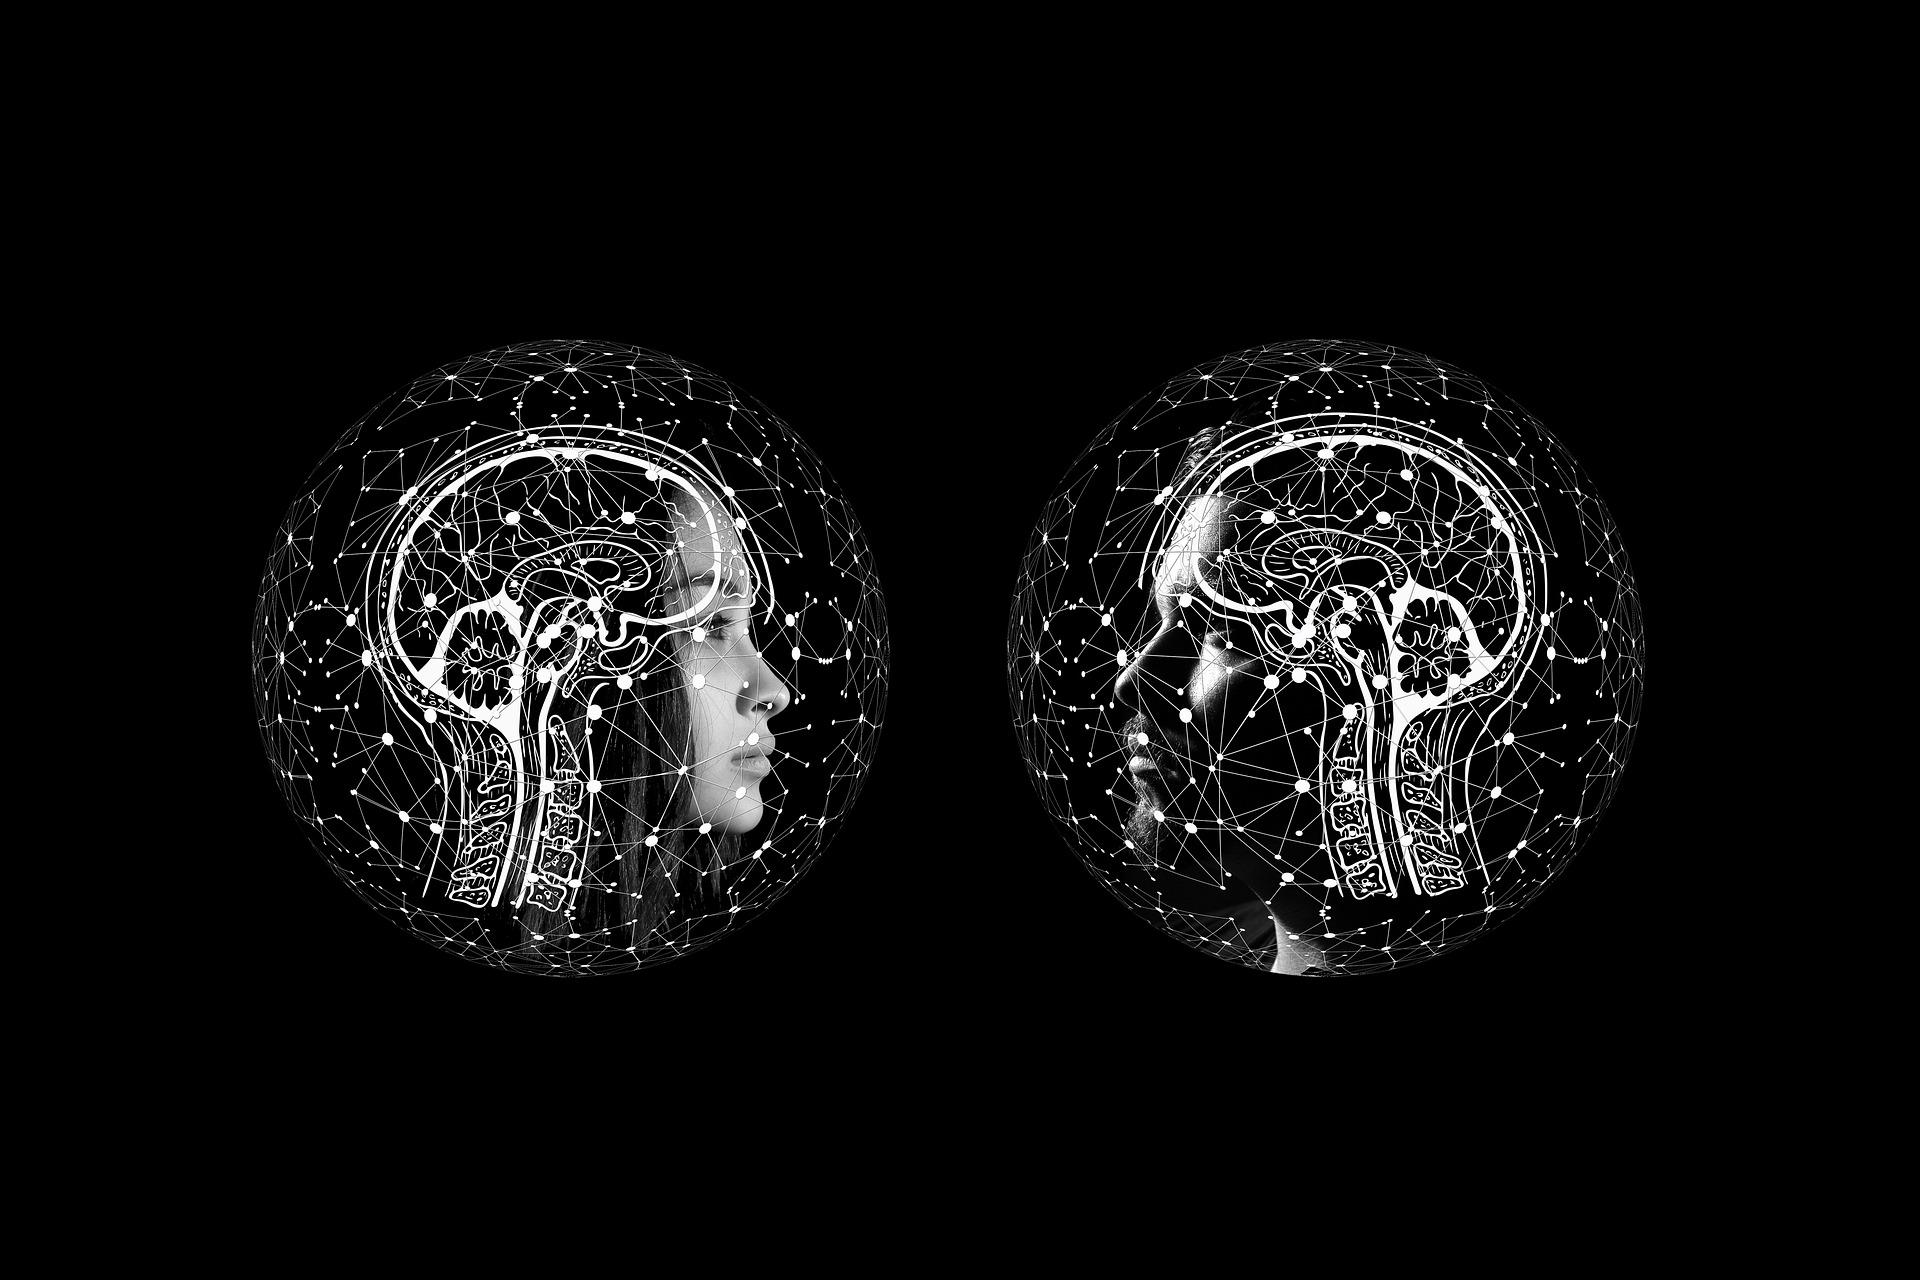 洗脳された人のイメージの画像